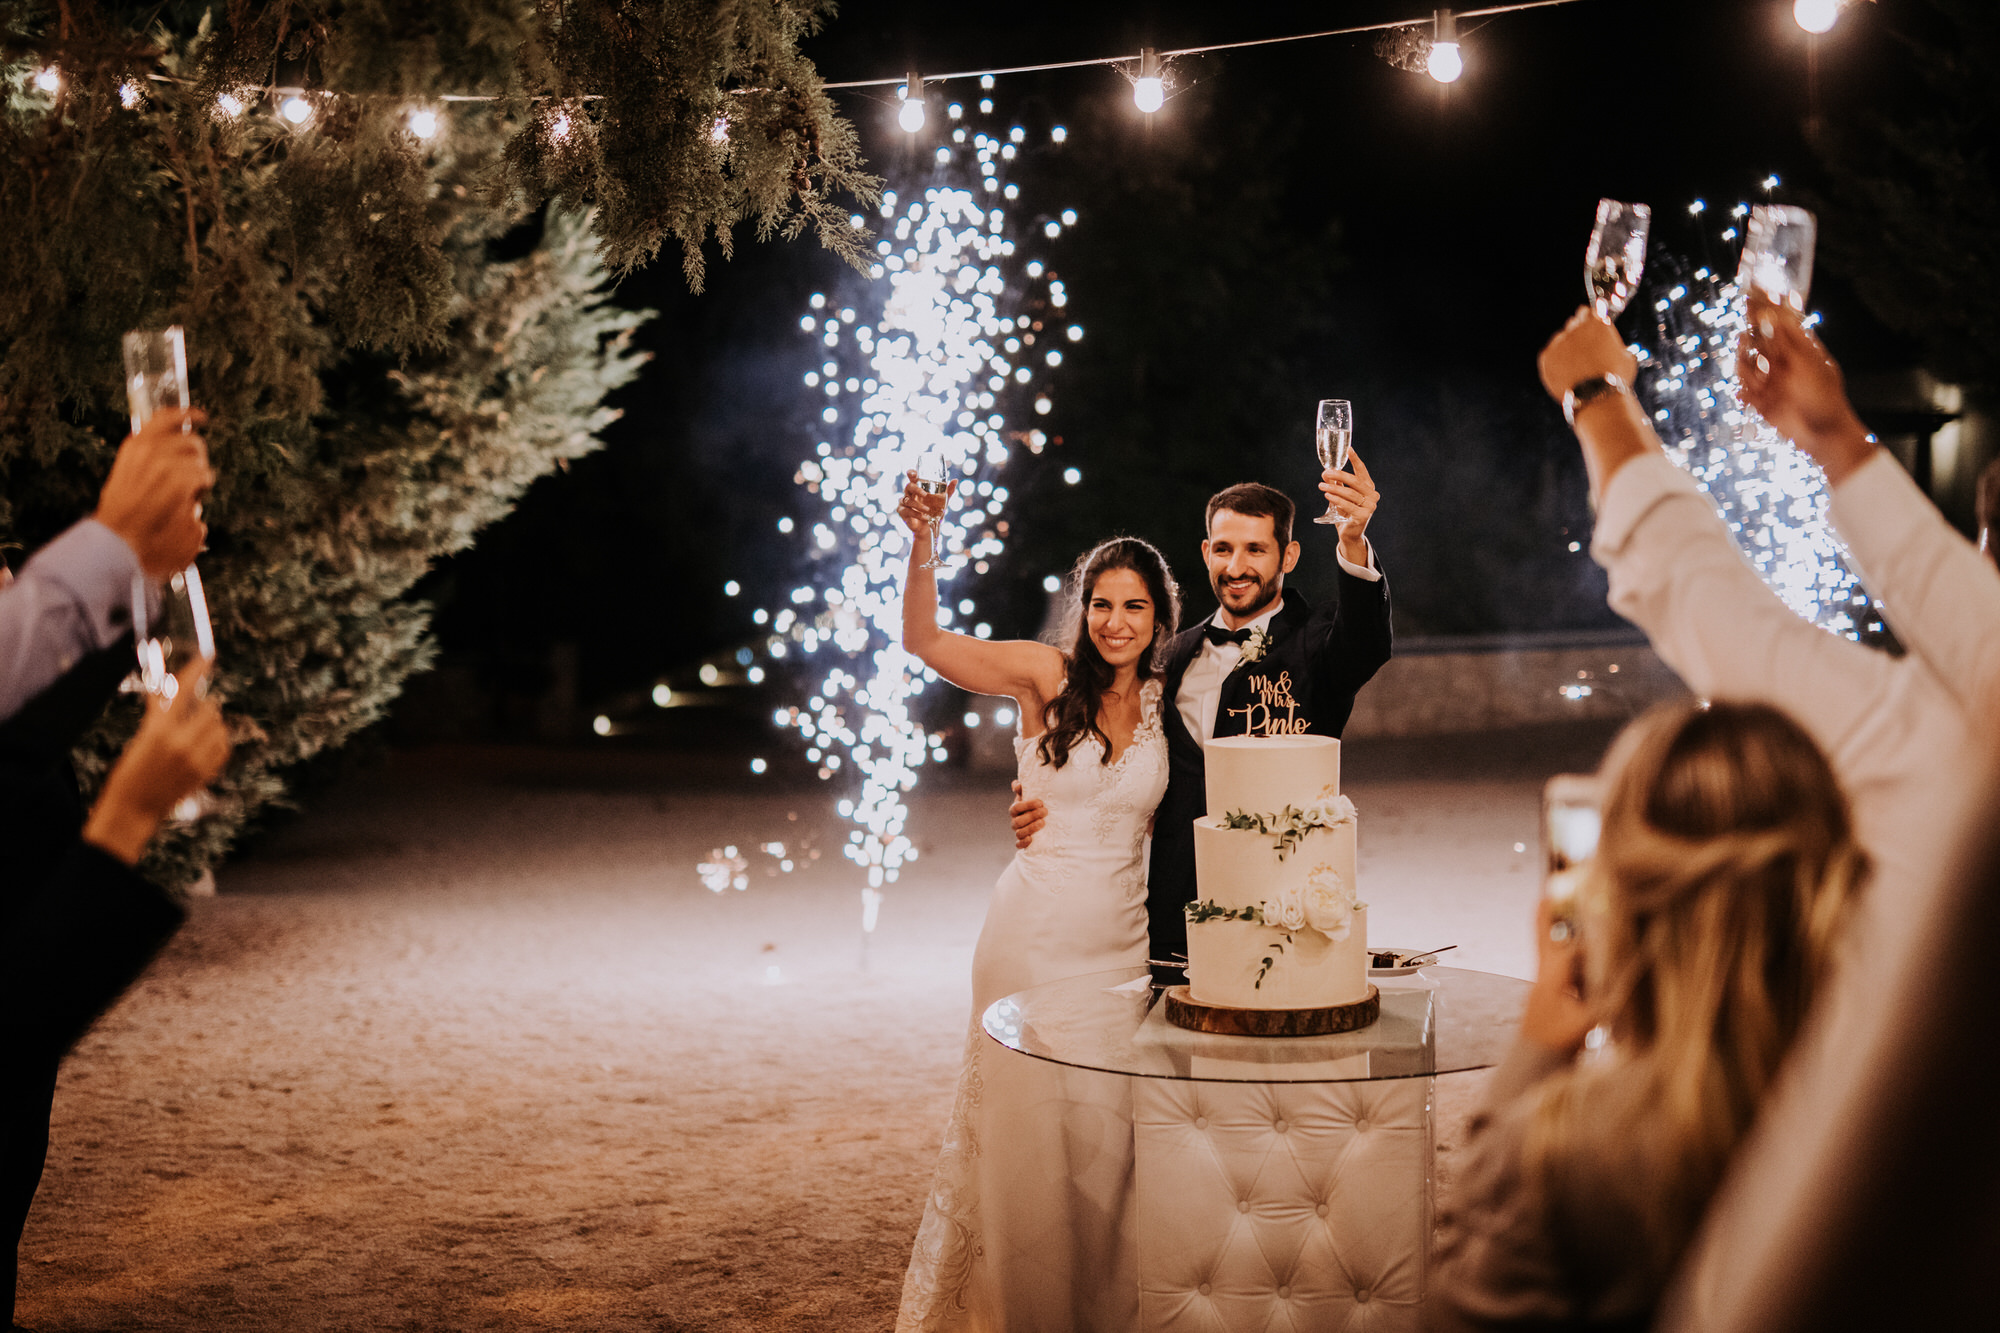 80 filipe_santiago_fotografia_casamento_decoracao_rustico_alenquer_inspiracao_quinta-da-bichinha_sao_goncalo_melhores_quintas_lisboa_distrito_fotografos_fotografia_natural_tendencias_florescorte do bolo casamento-wedding cake portugal-dicas-